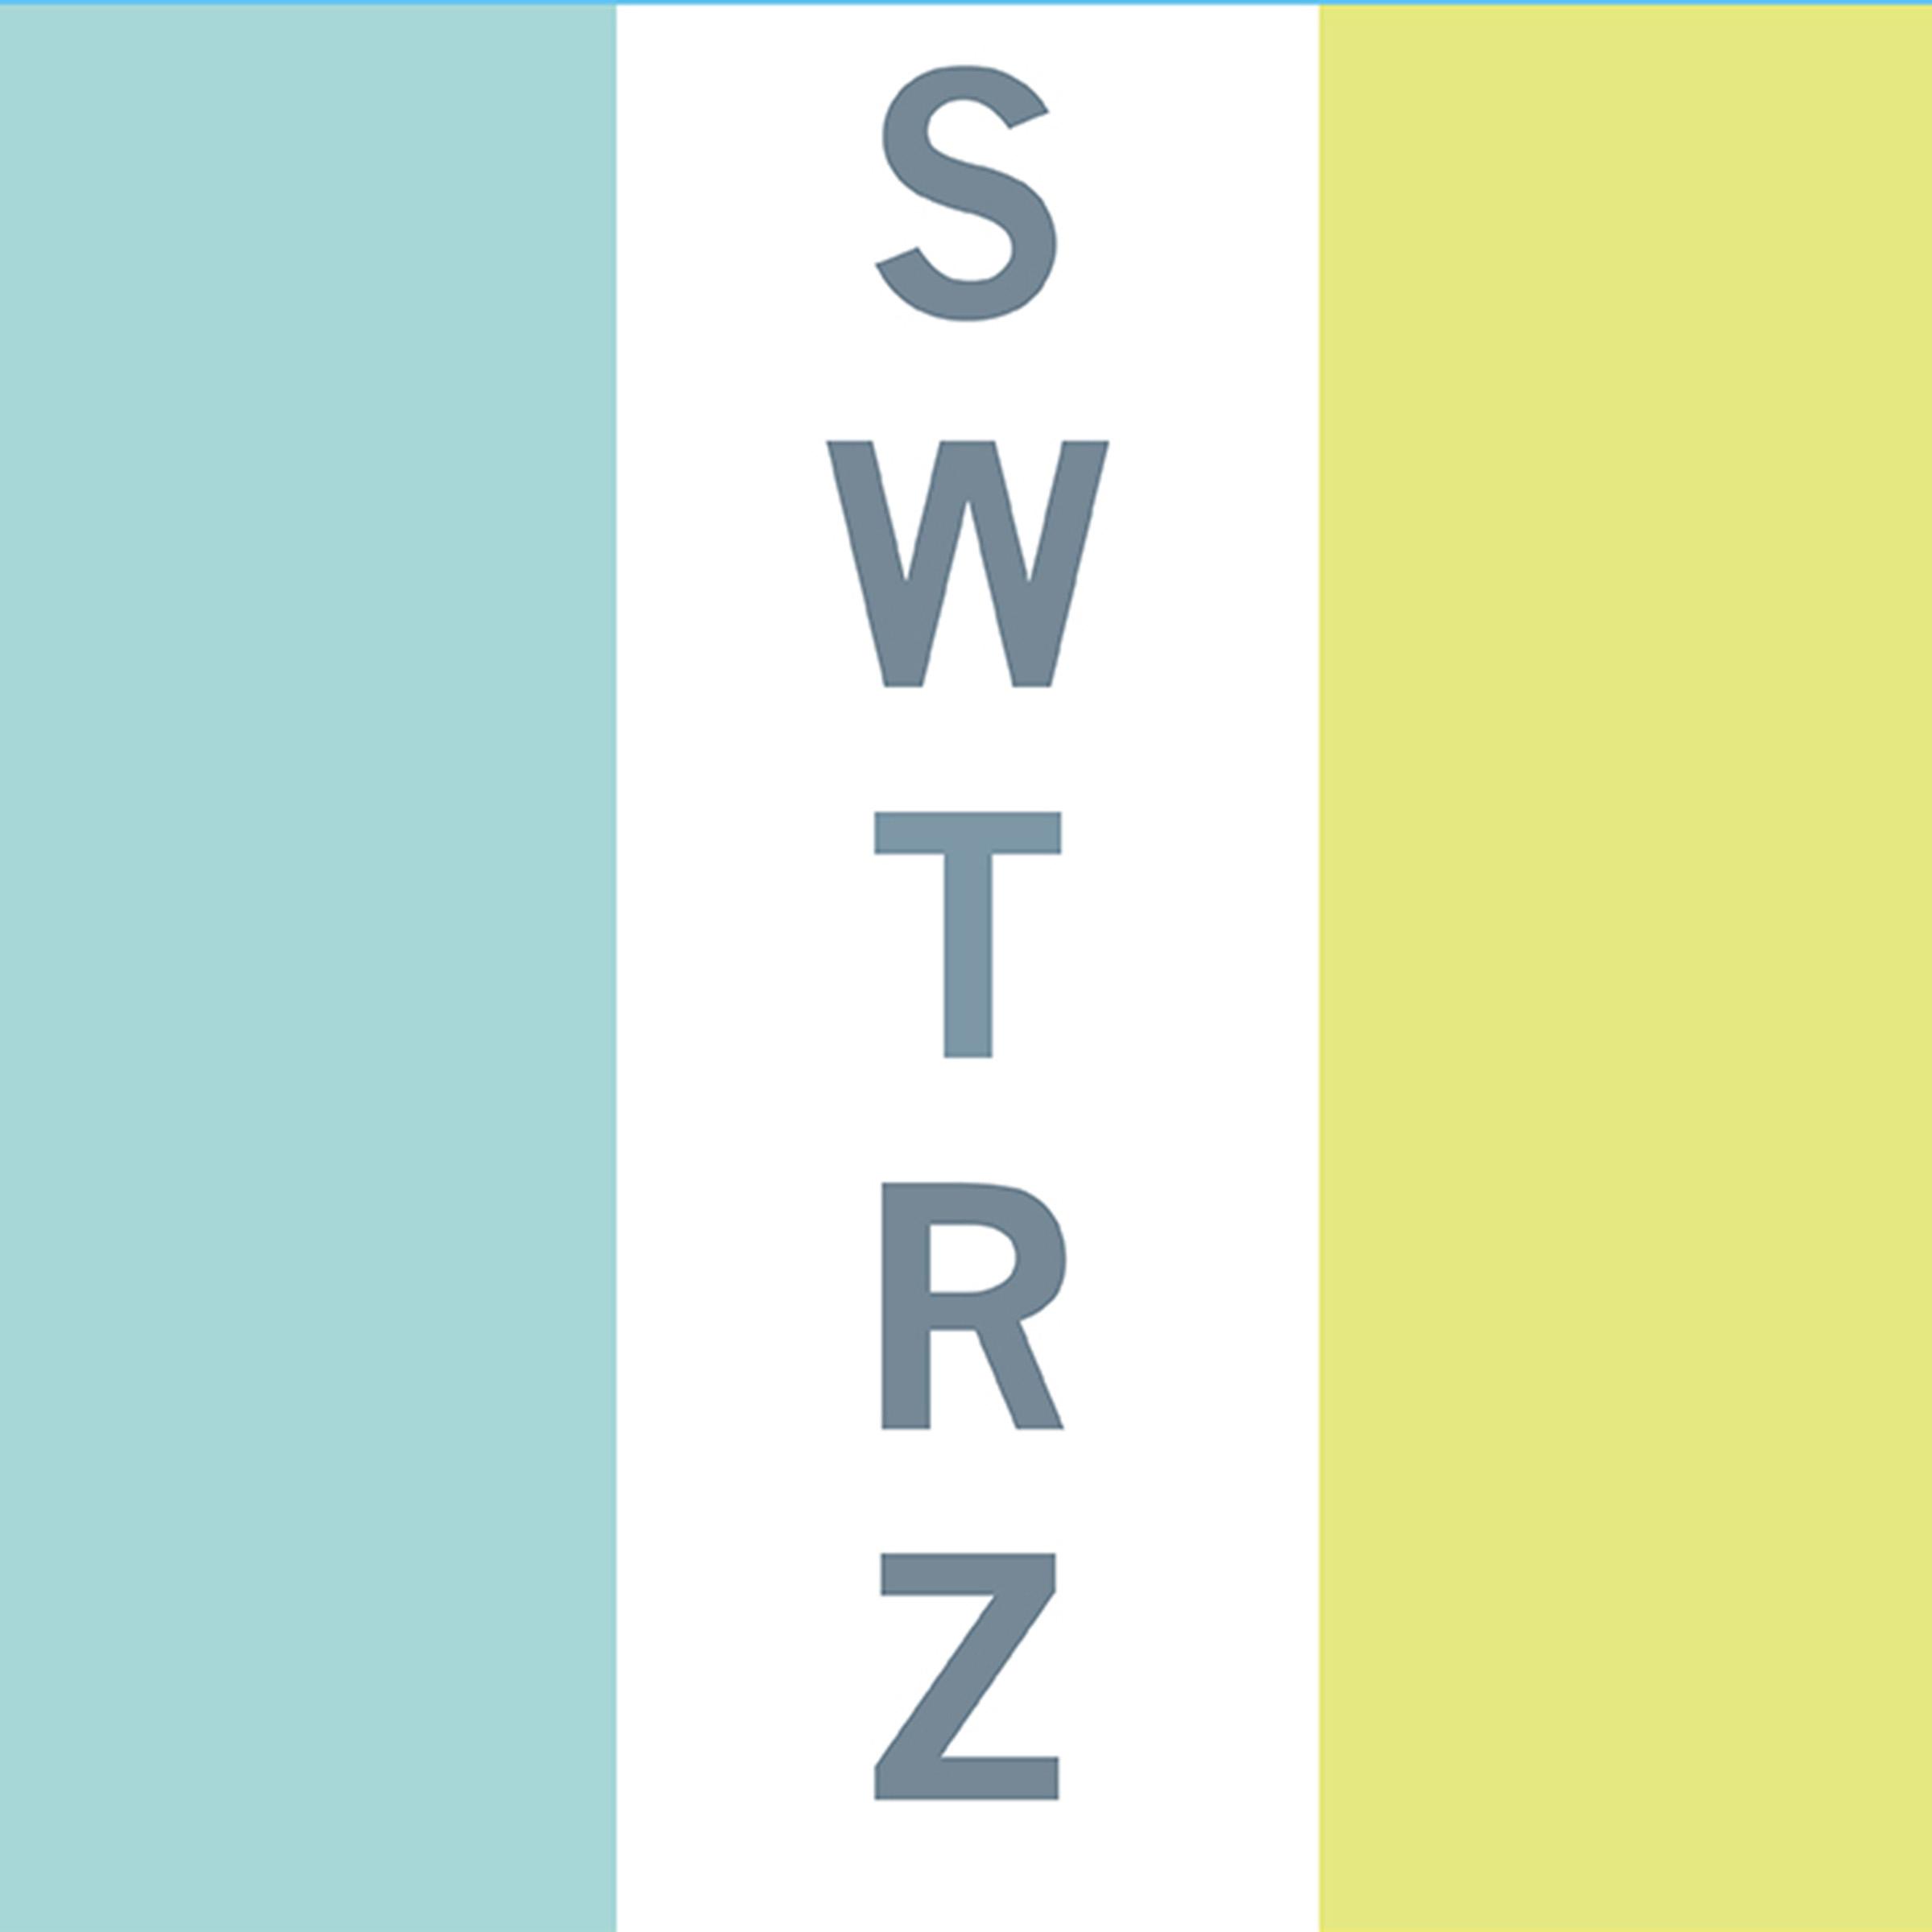 SWTRZ